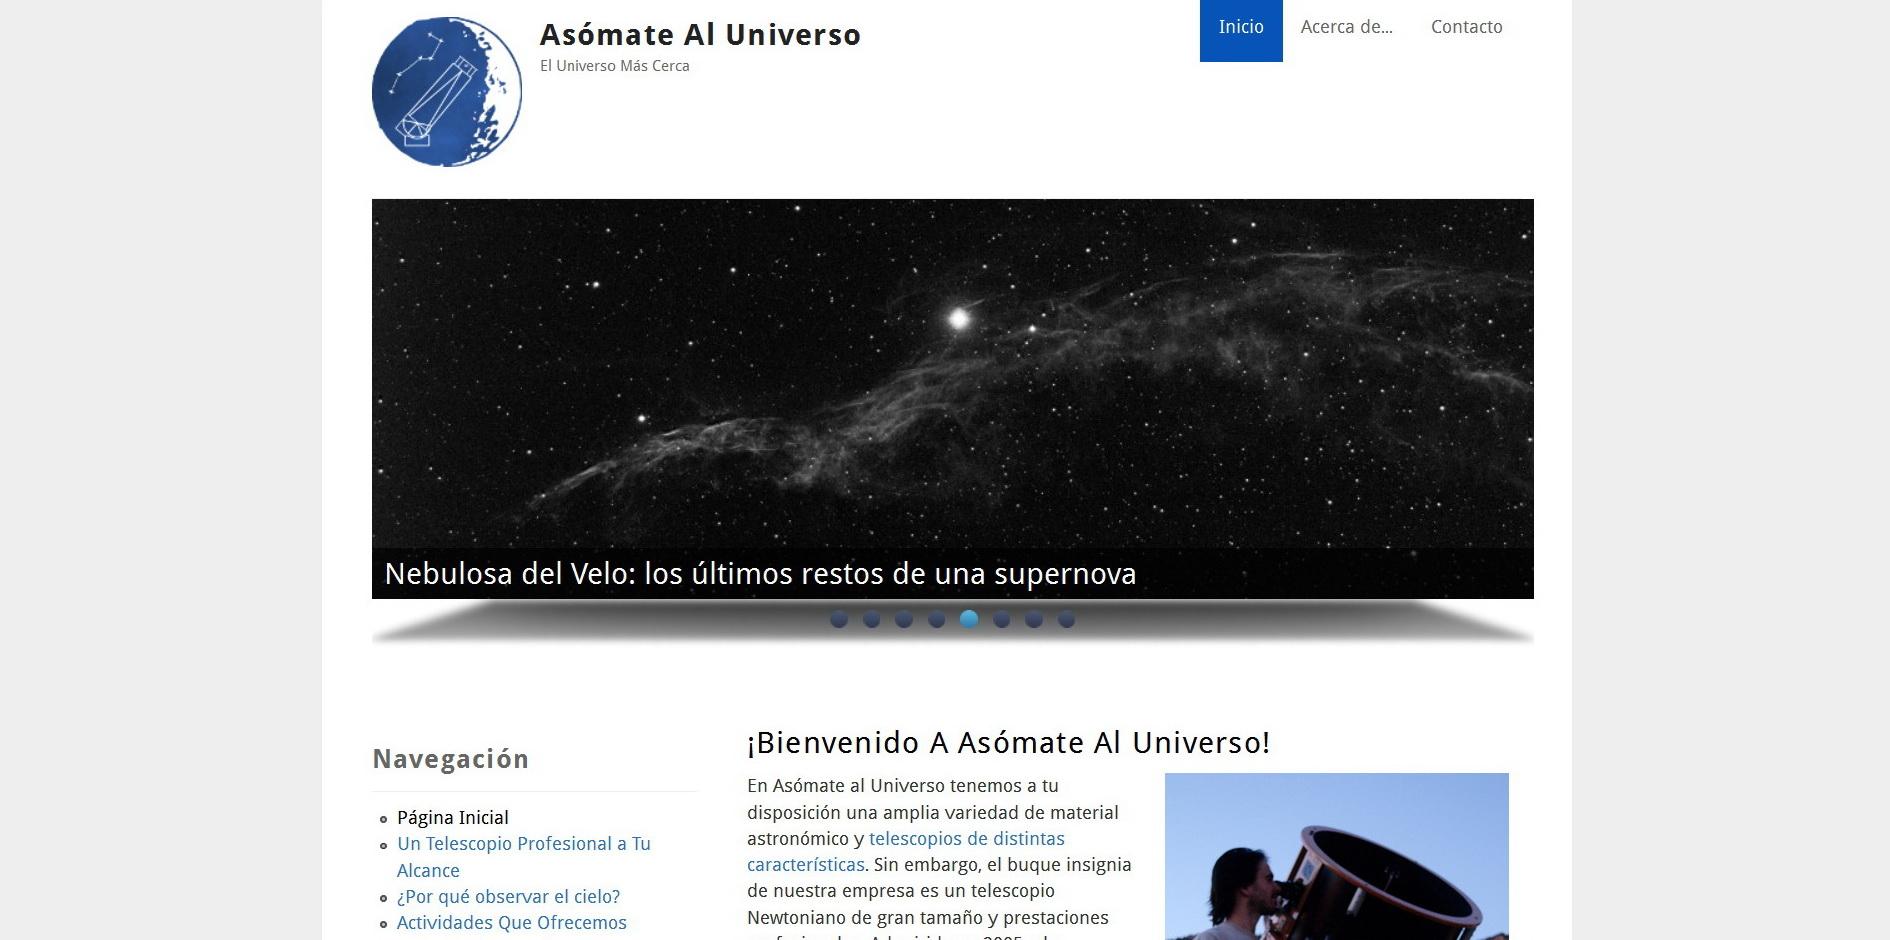 Asomate al Universo